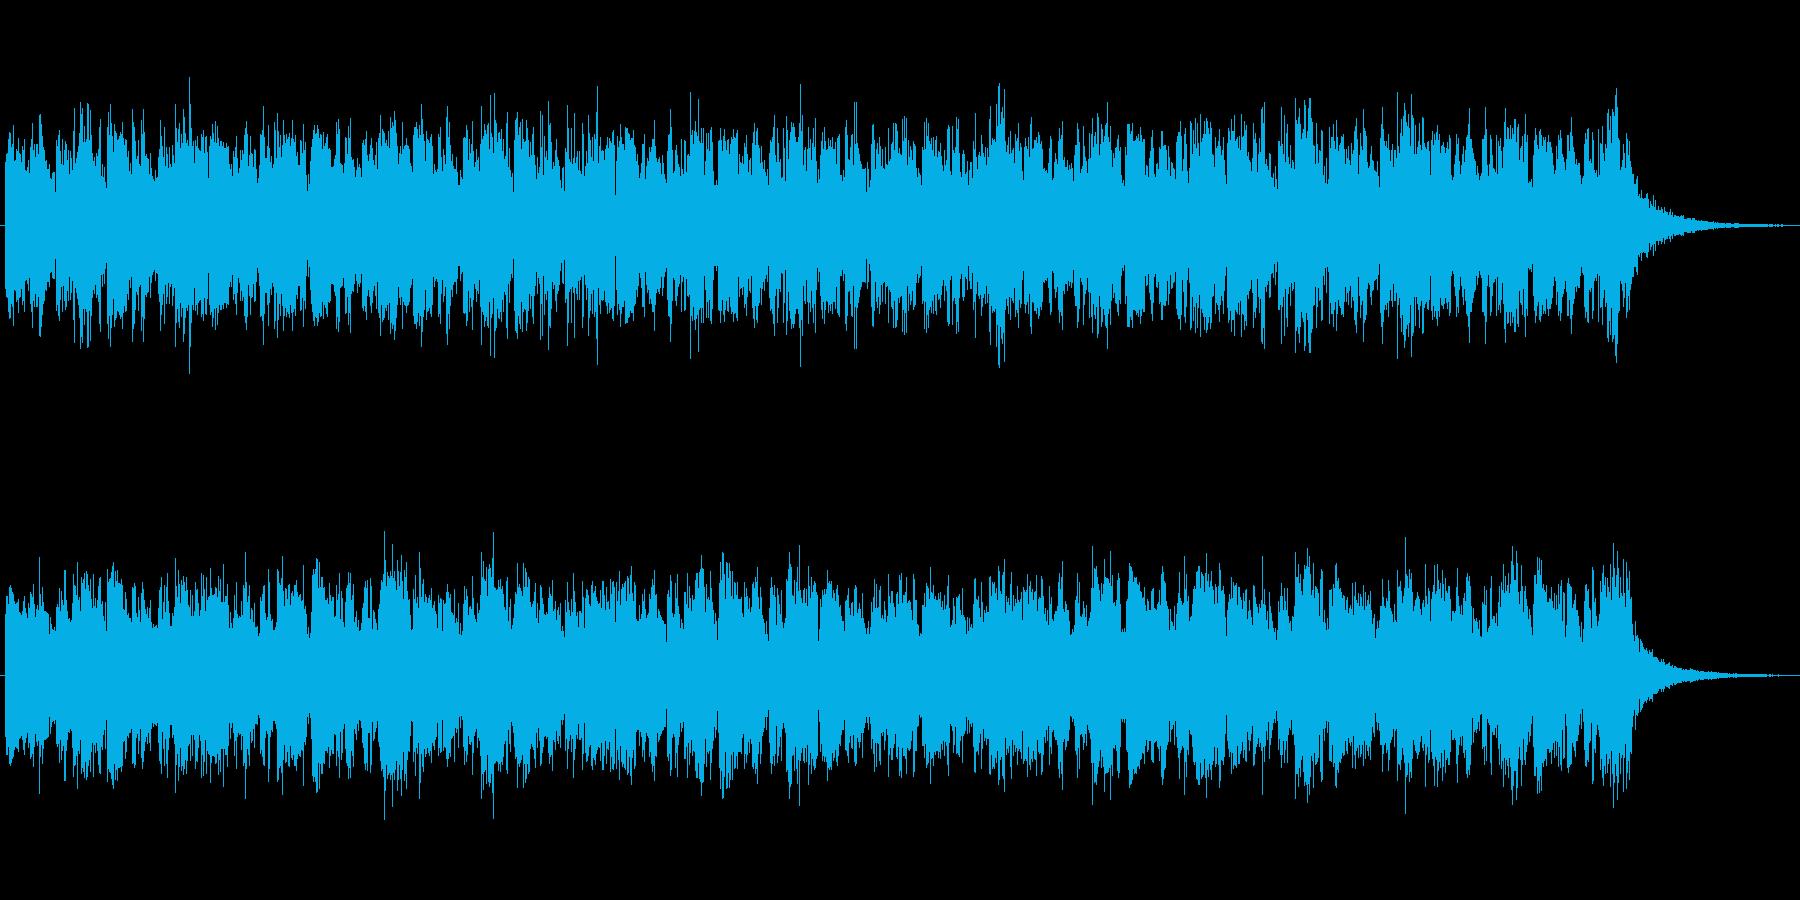 レトロな雰囲気の神秘的なジングルの再生済みの波形